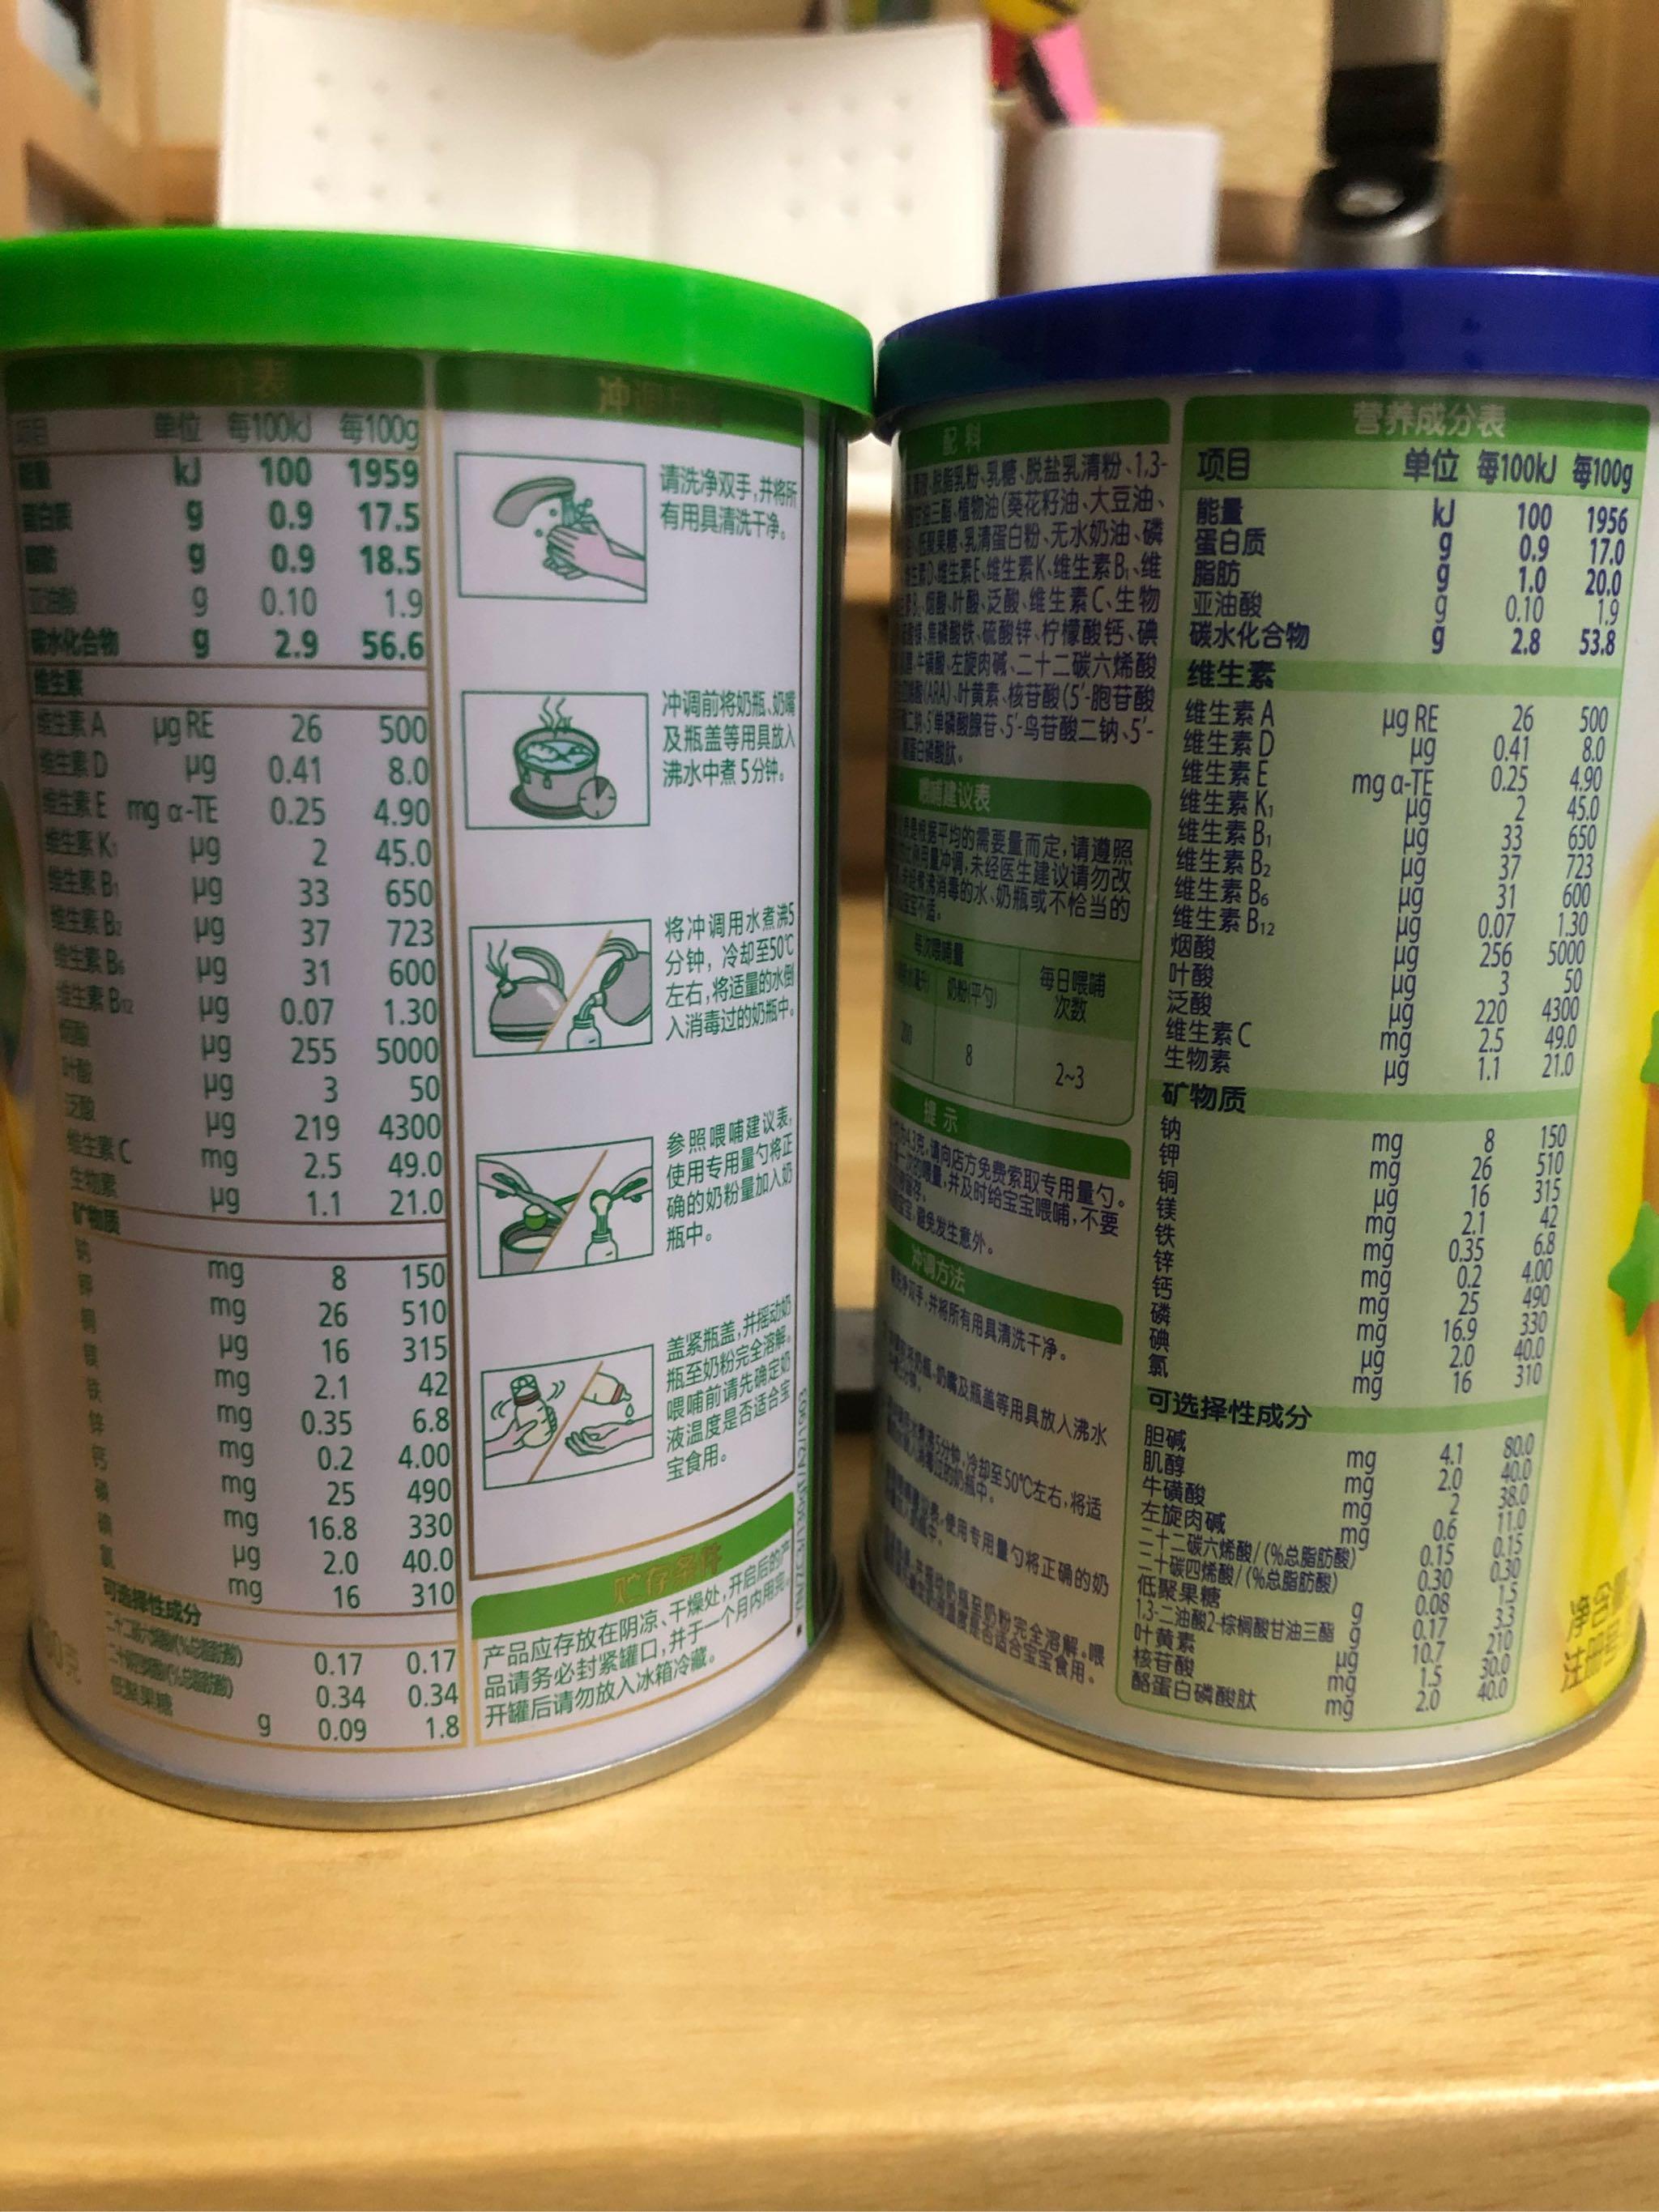 飞鹤星飞帆幼儿配方牛奶粉